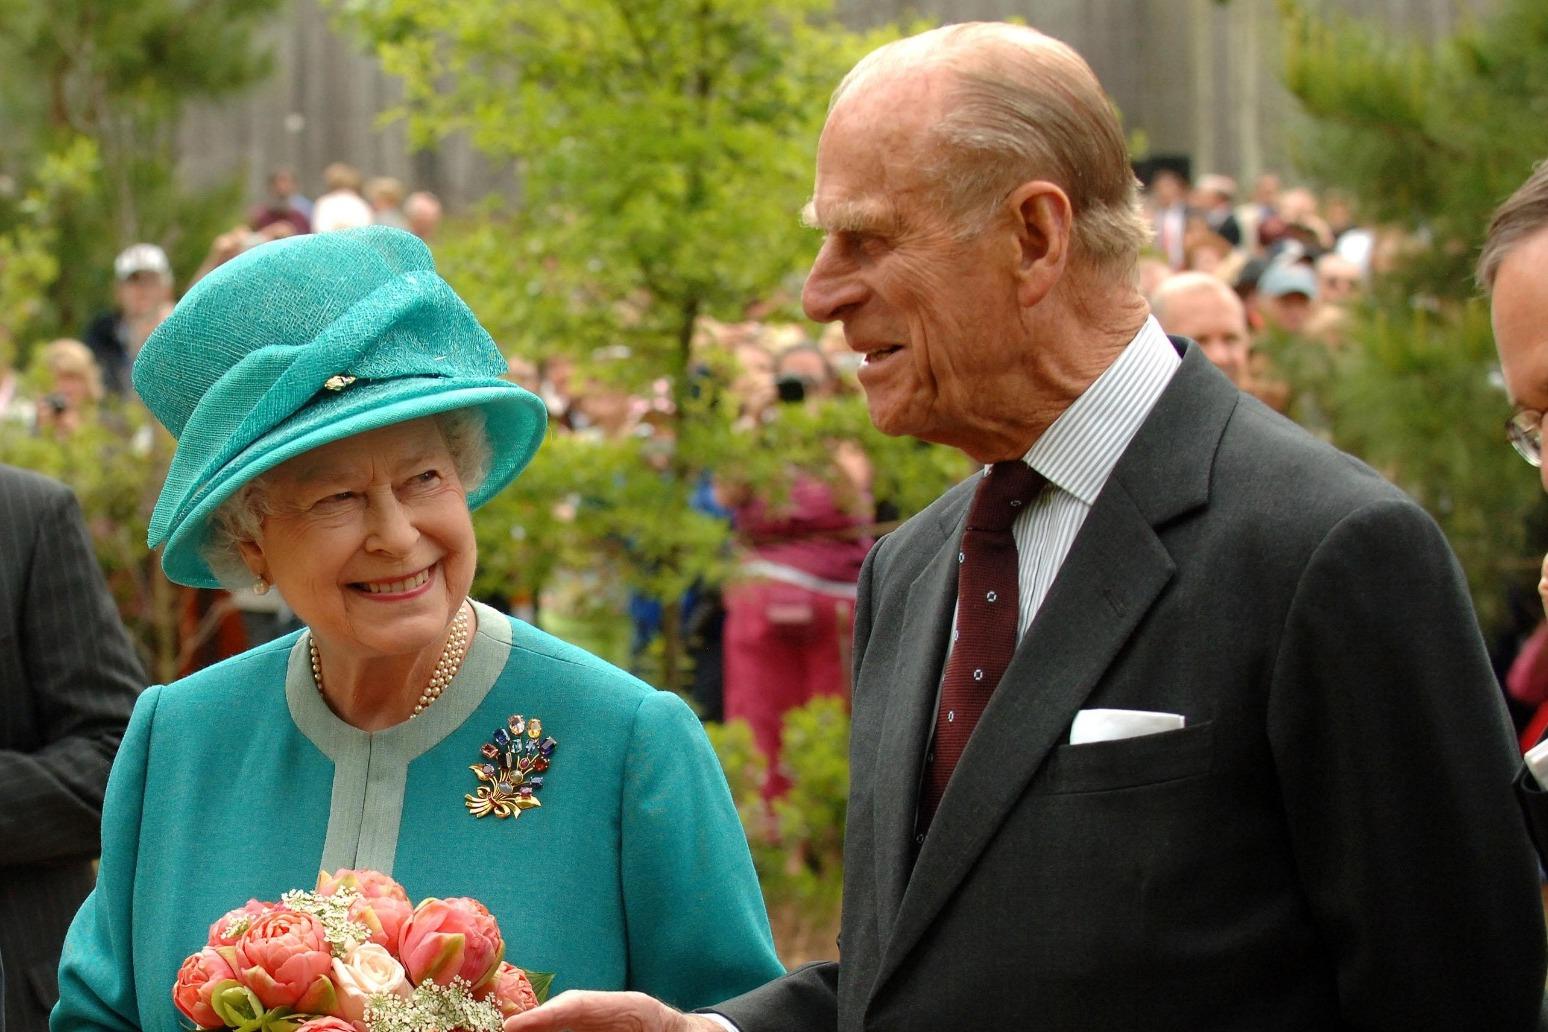 Queen's 'deep sorrow' as 'beloved husband' Duke of Edinburgh dies aged 99